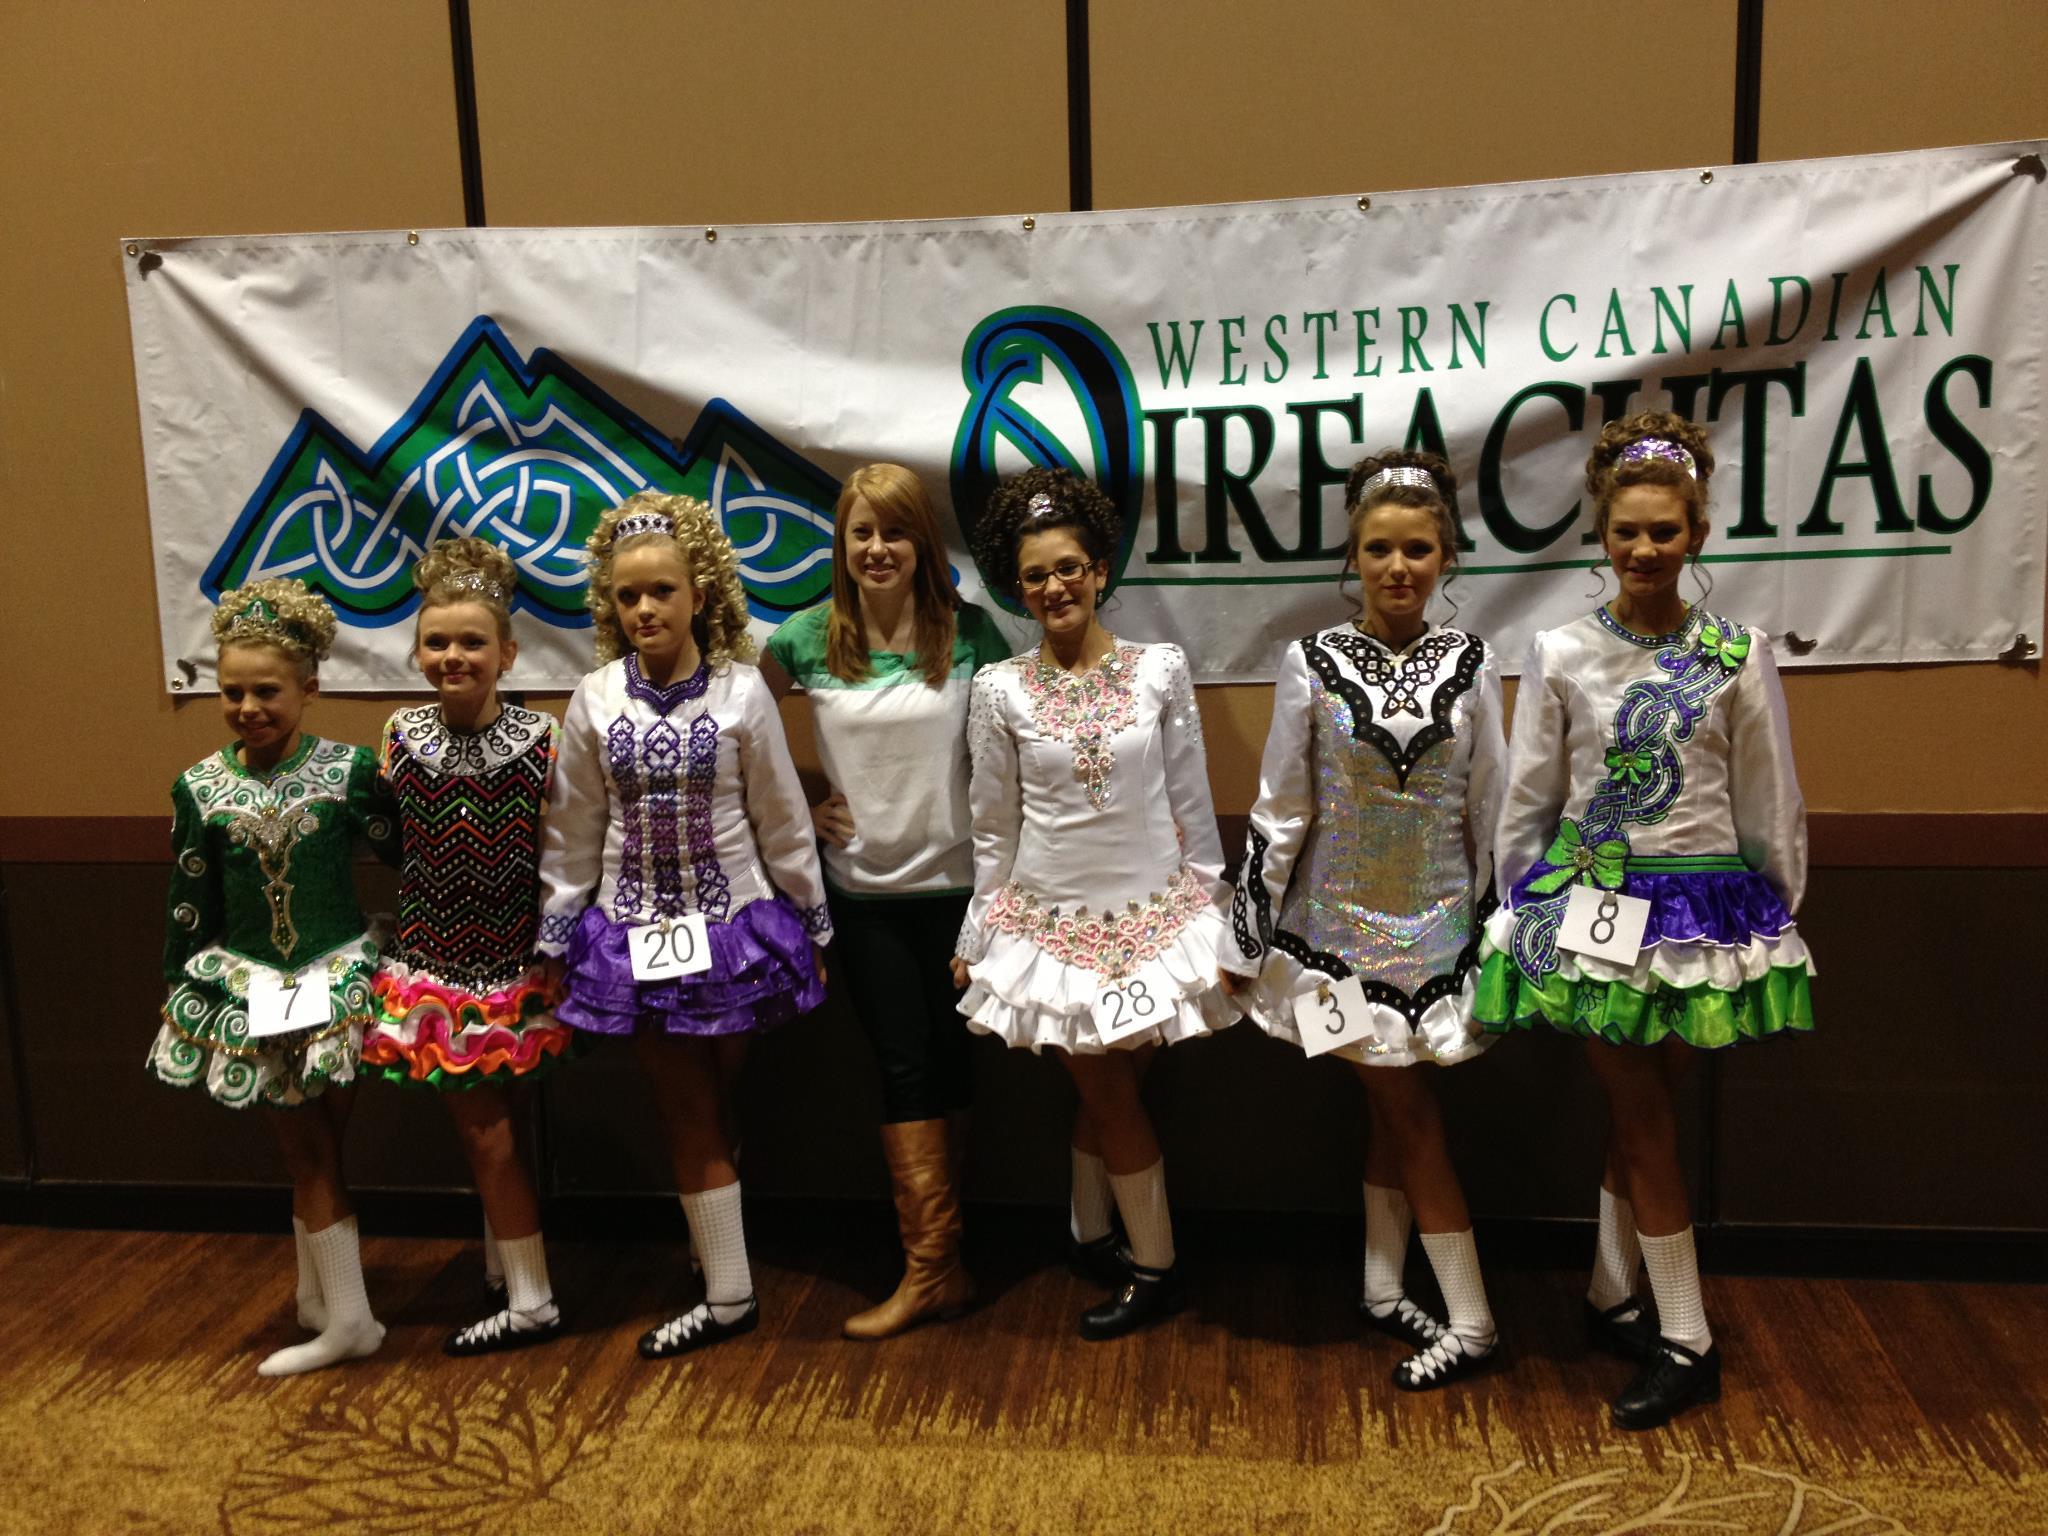 Oireachtas Calgary 2012.jpg